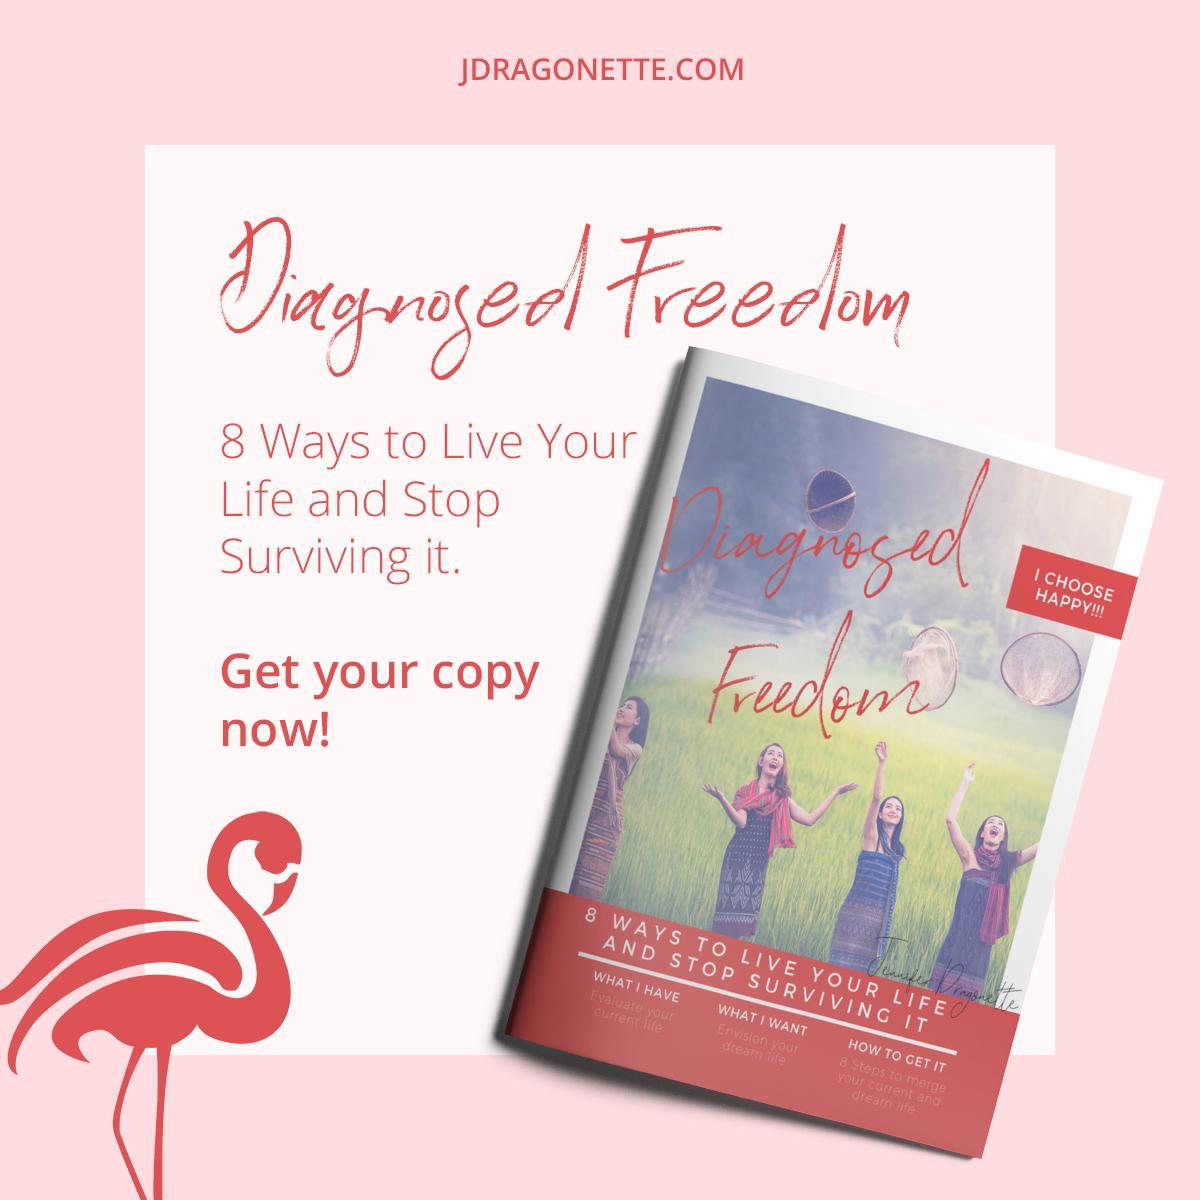 diagnosed-freedom-promo